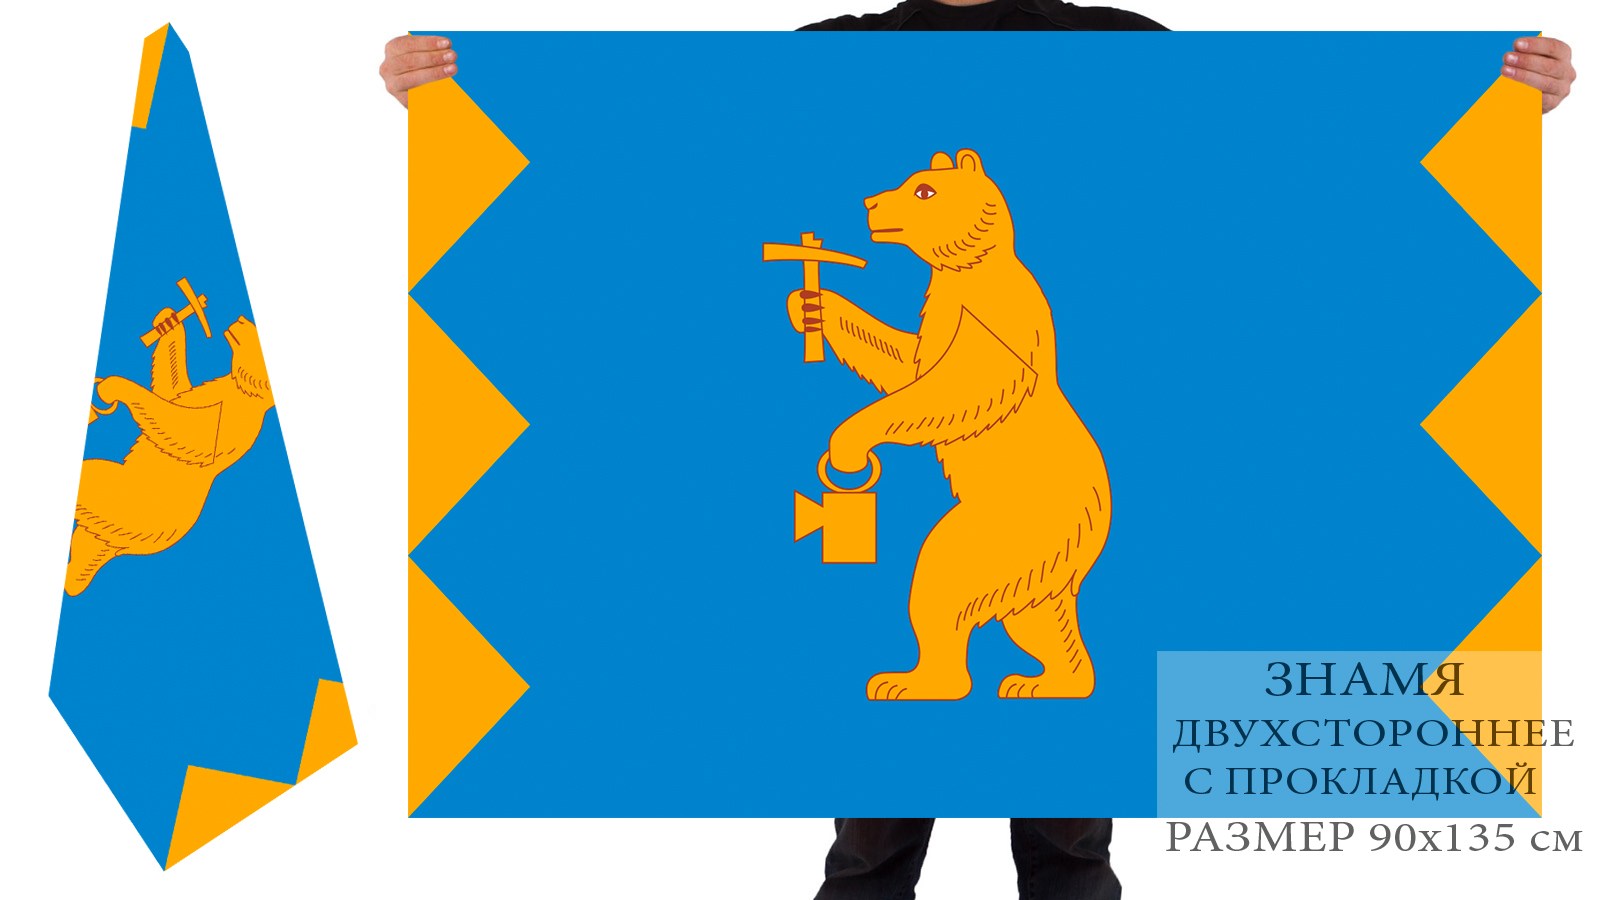 Флаги Башкортостана – город Межгорье